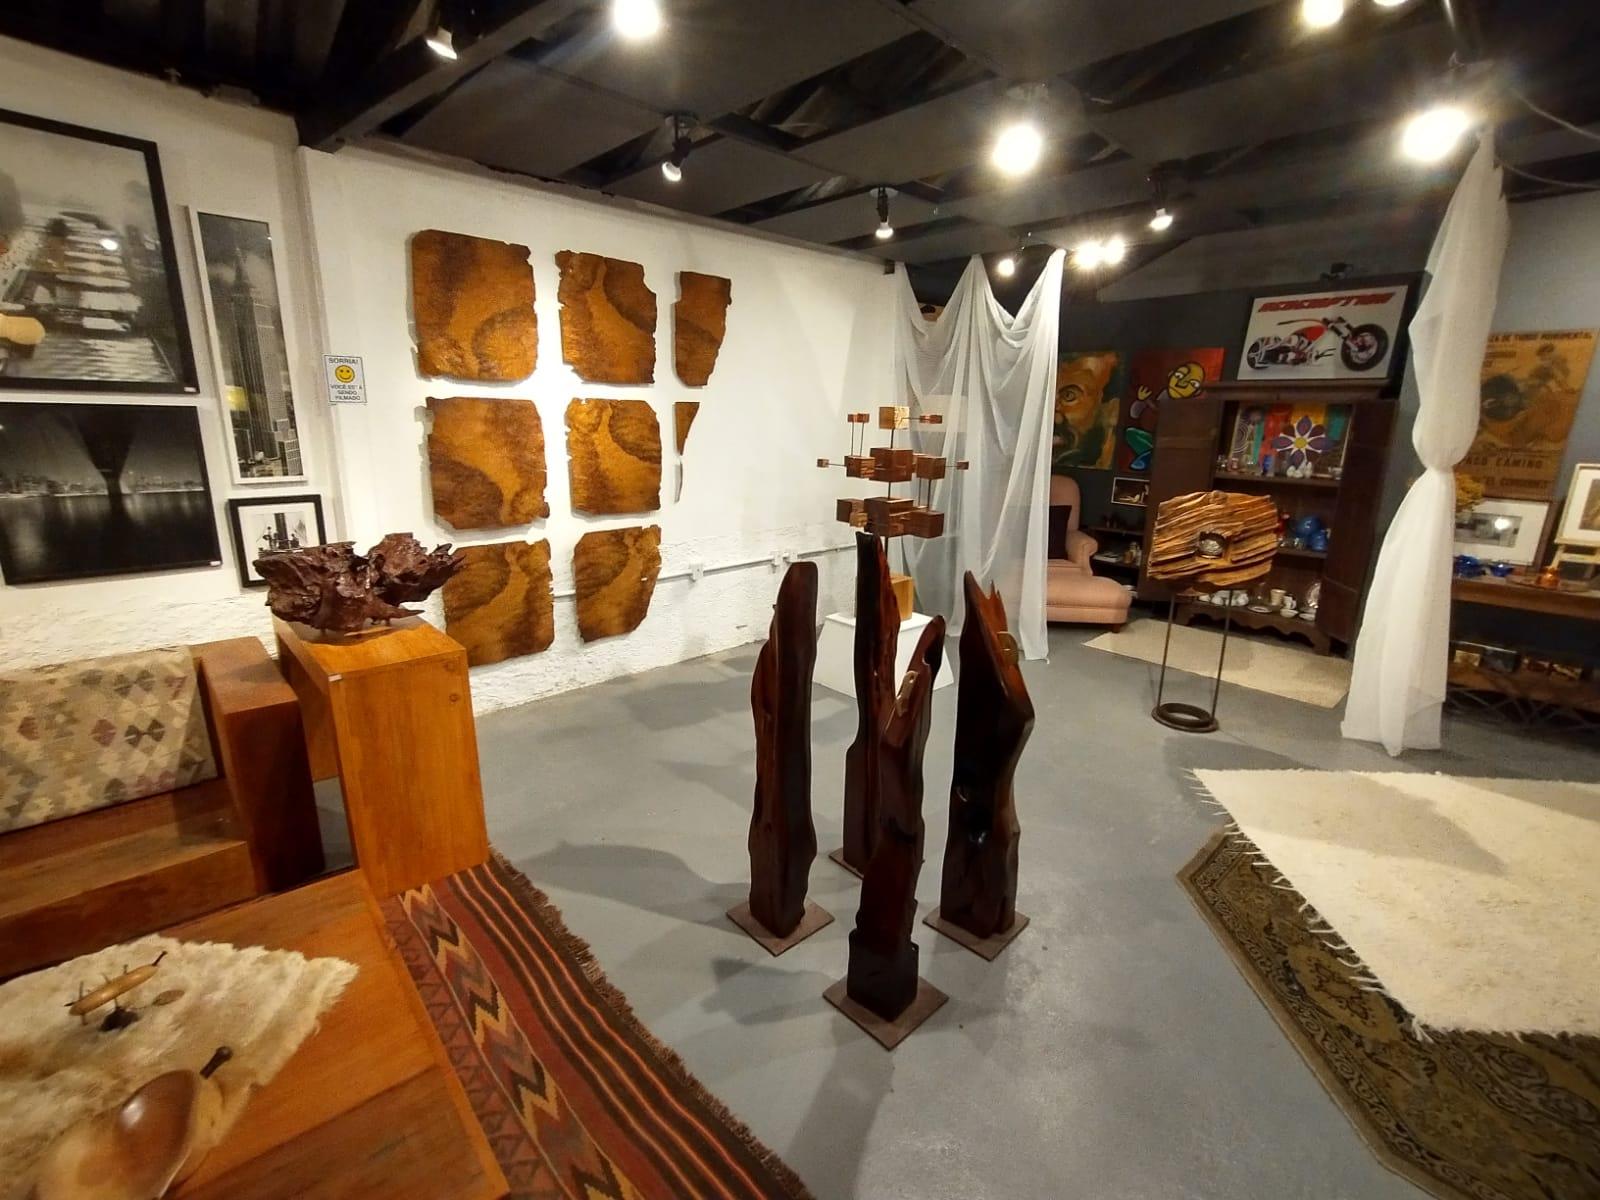 As obras de Mario Moreira em exposição no Galpão de Mury (Acervo pessoal)